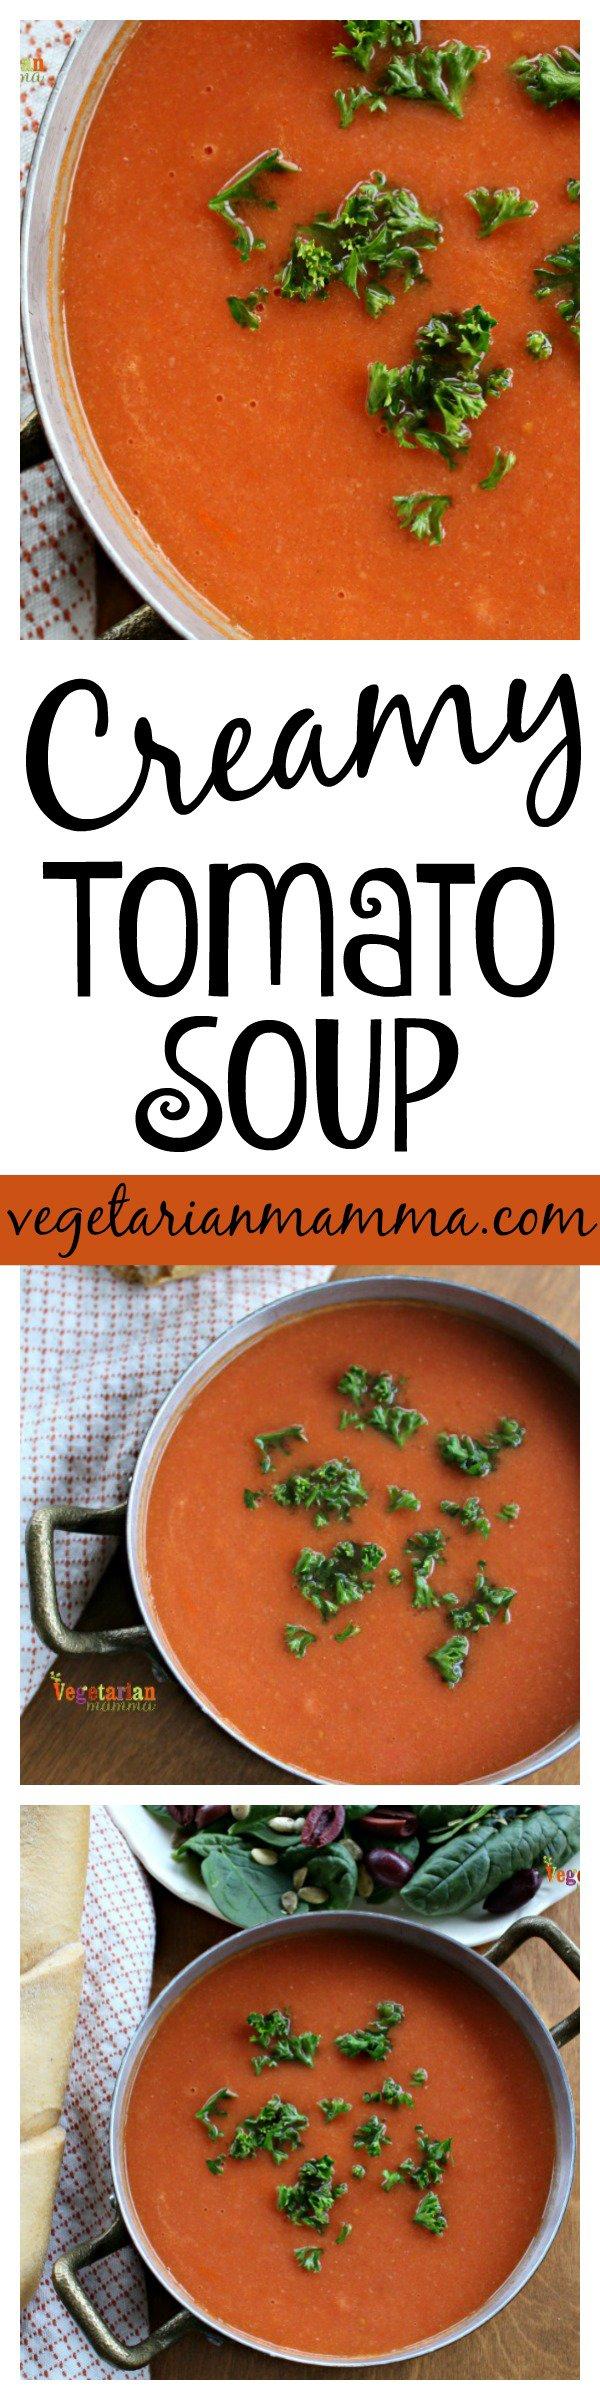 Creamy Tomato Soup tall pin @vegetarianmamma.com